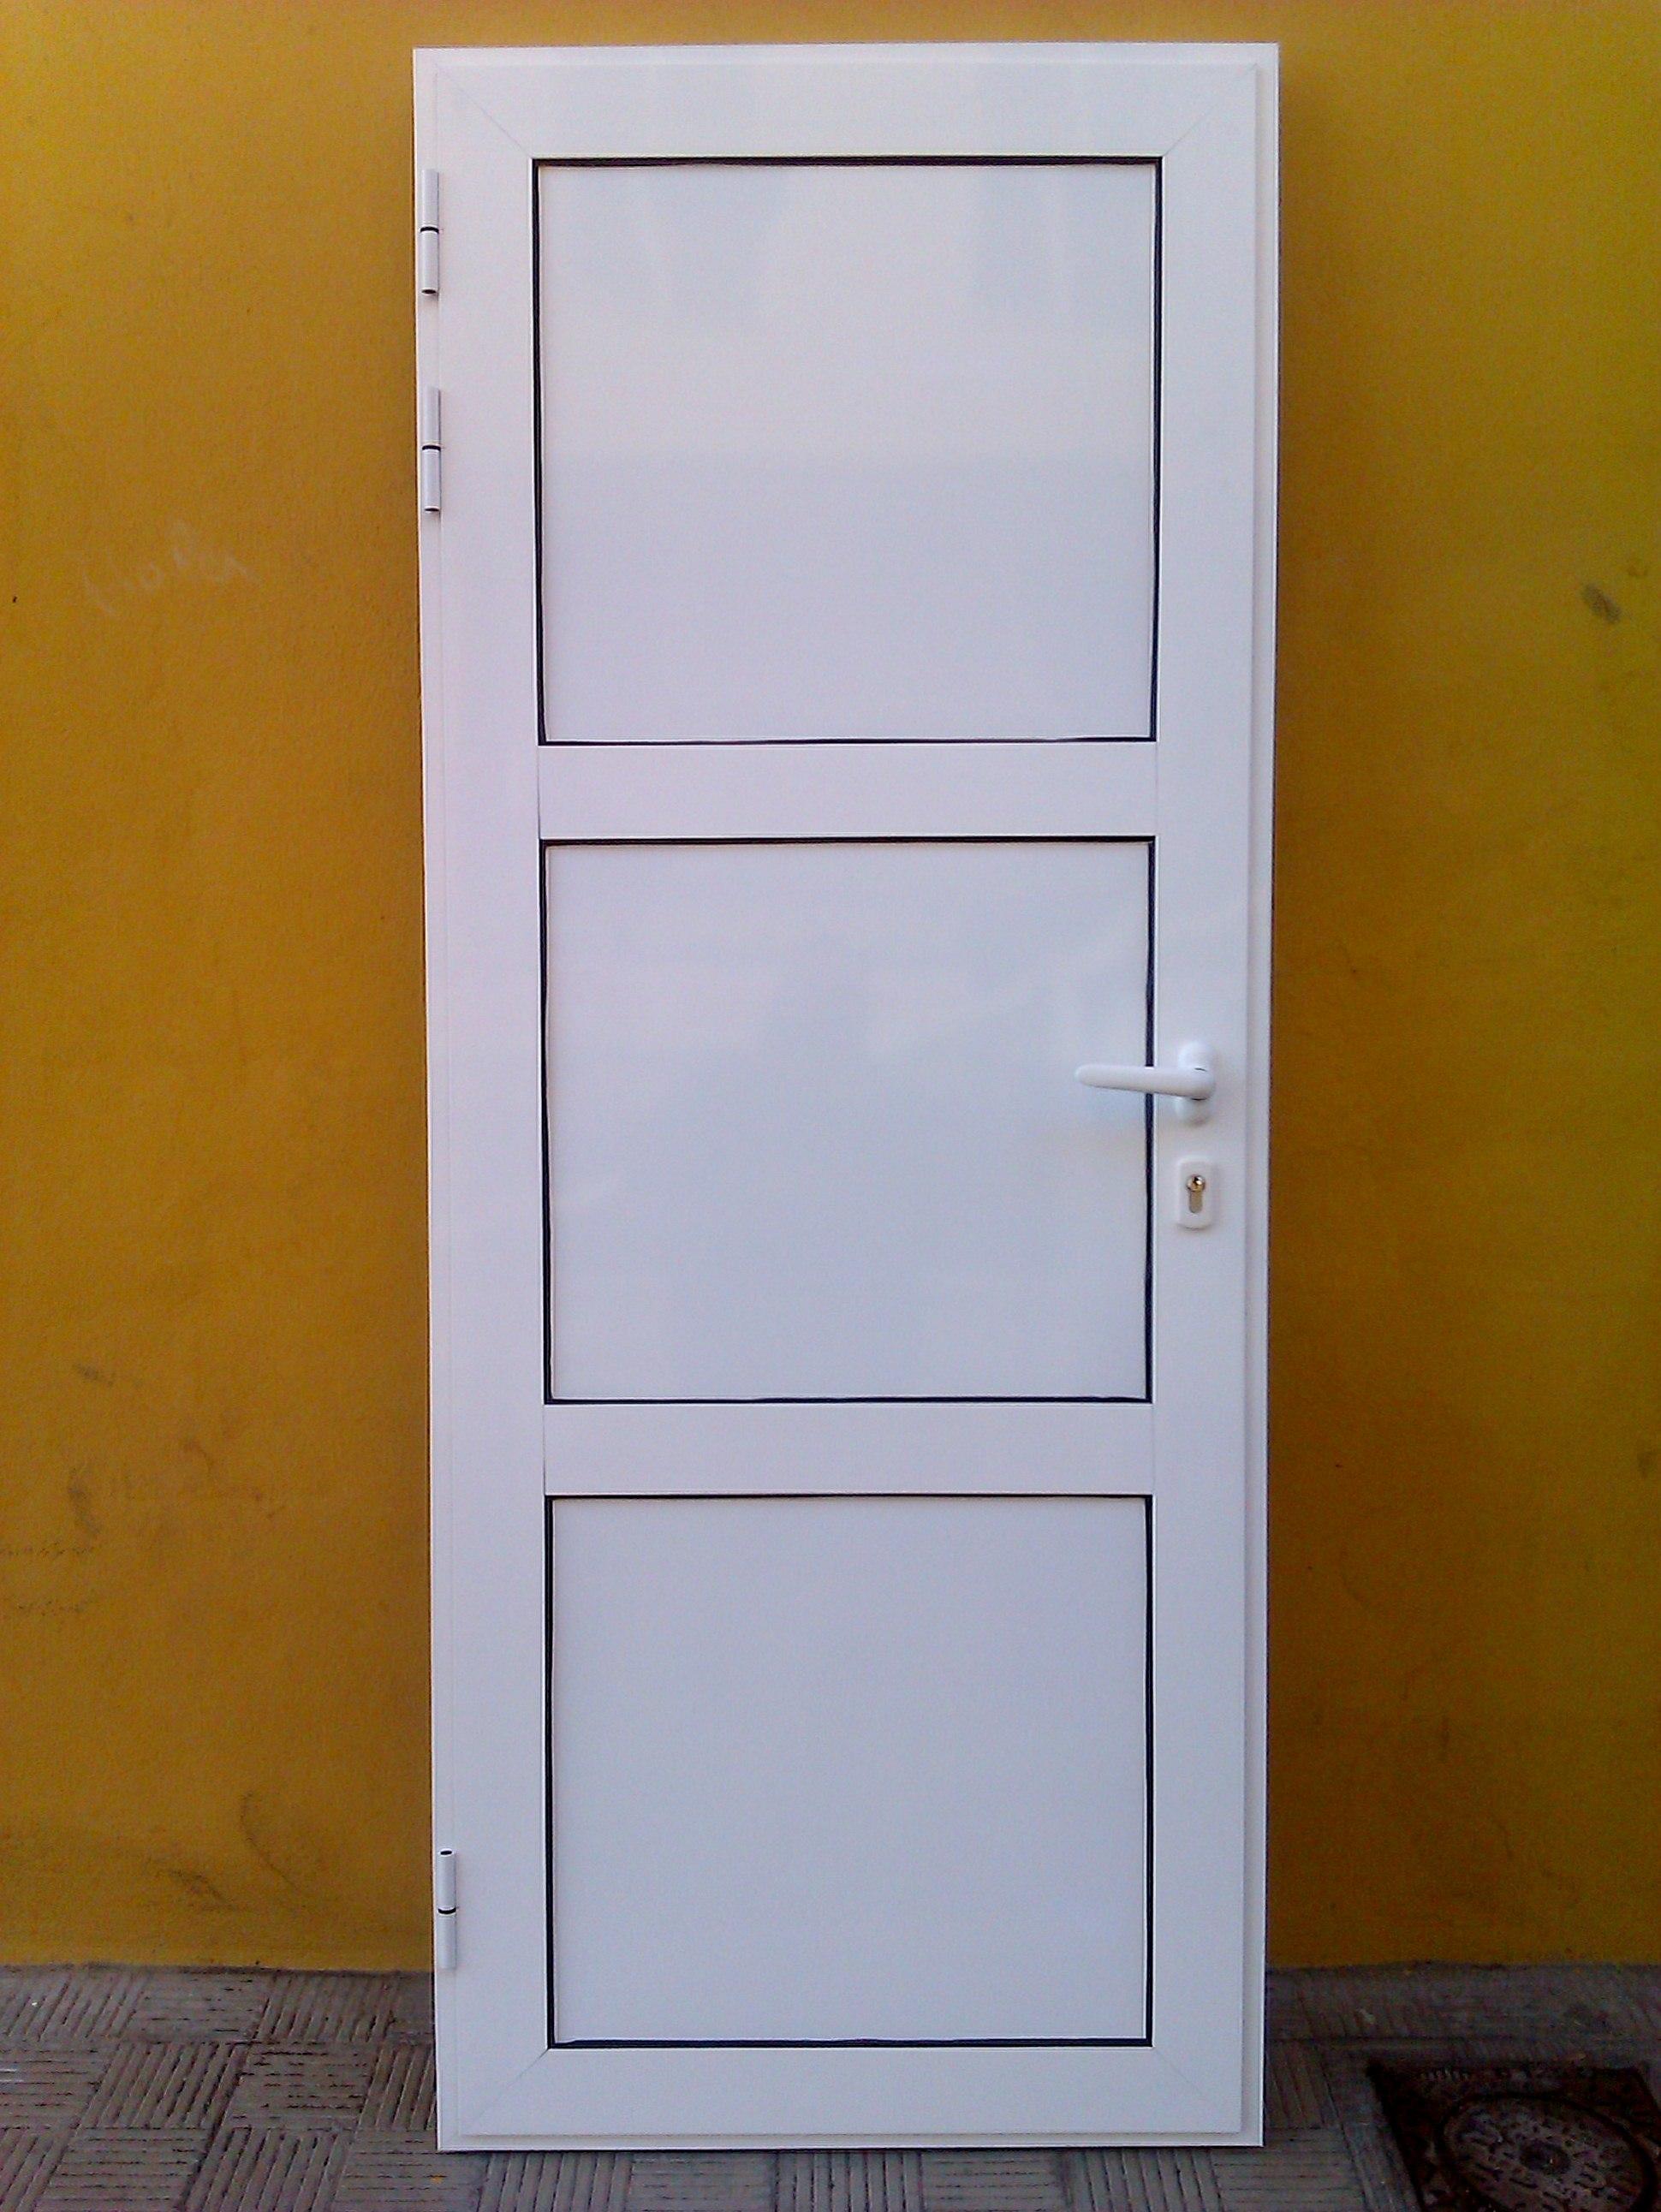 Aluminios gi como galer a de fotos - Imagenes de puertas de interior ...